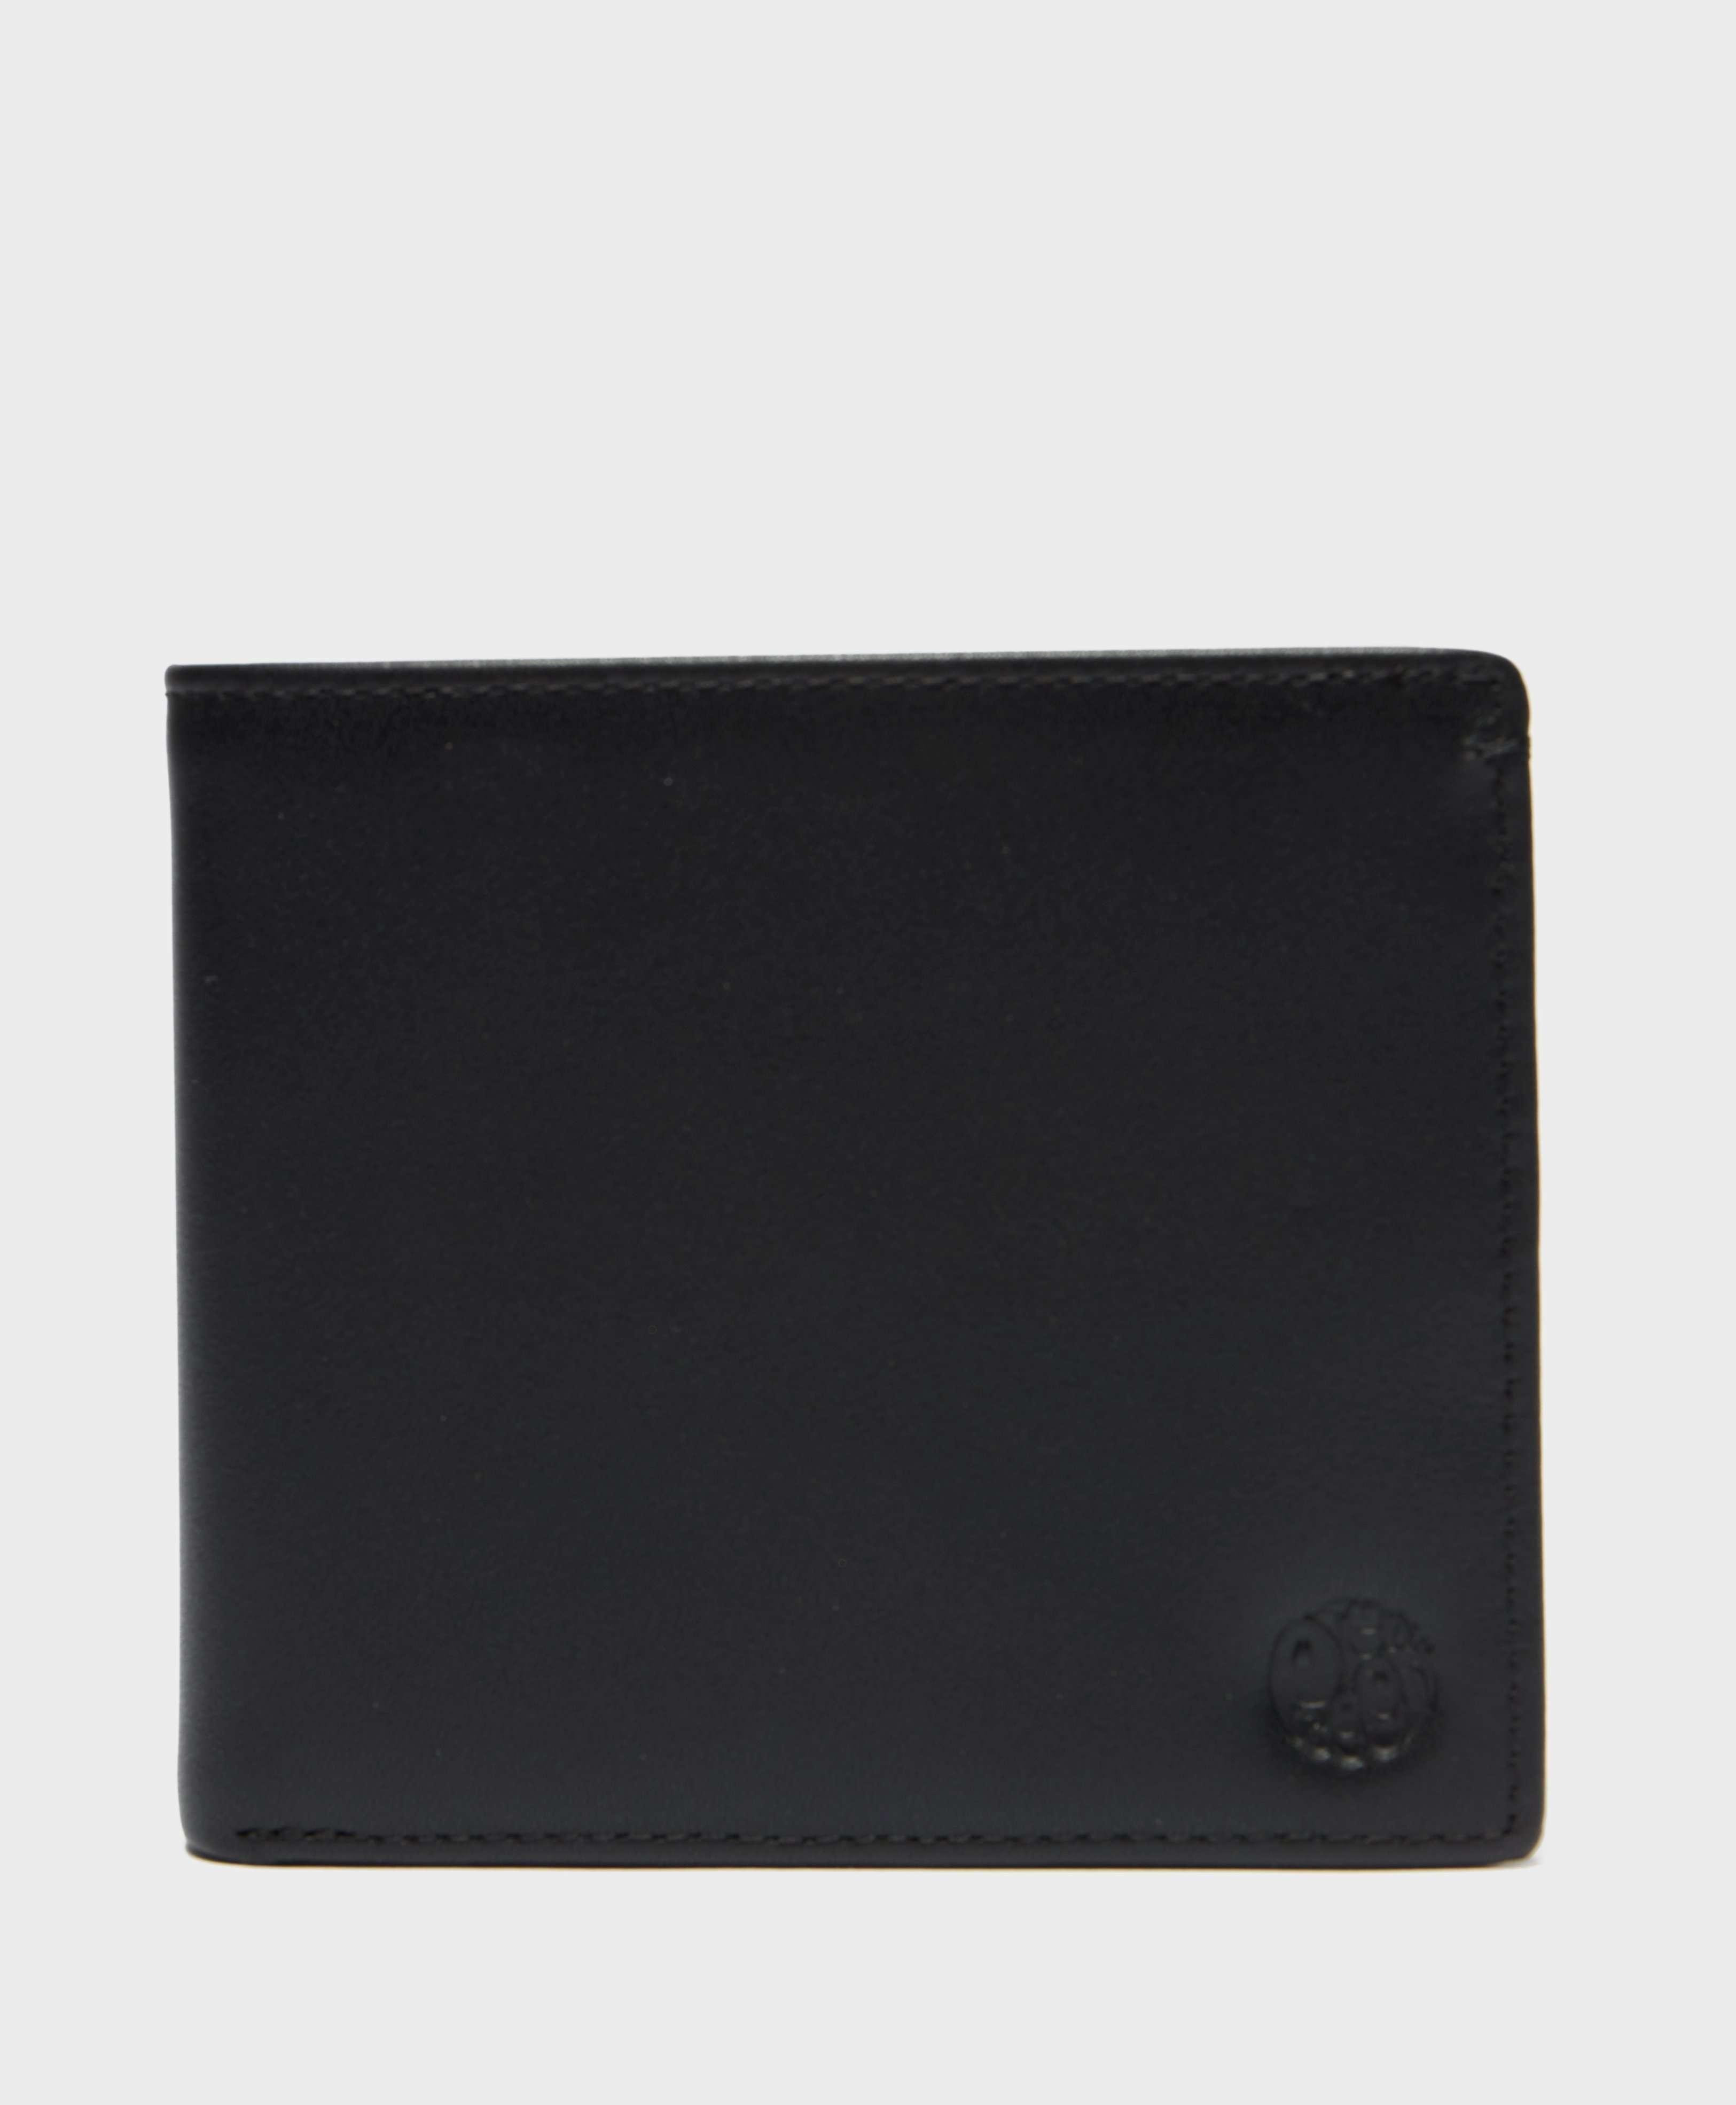 Pretty Green Union Jacket Wallet